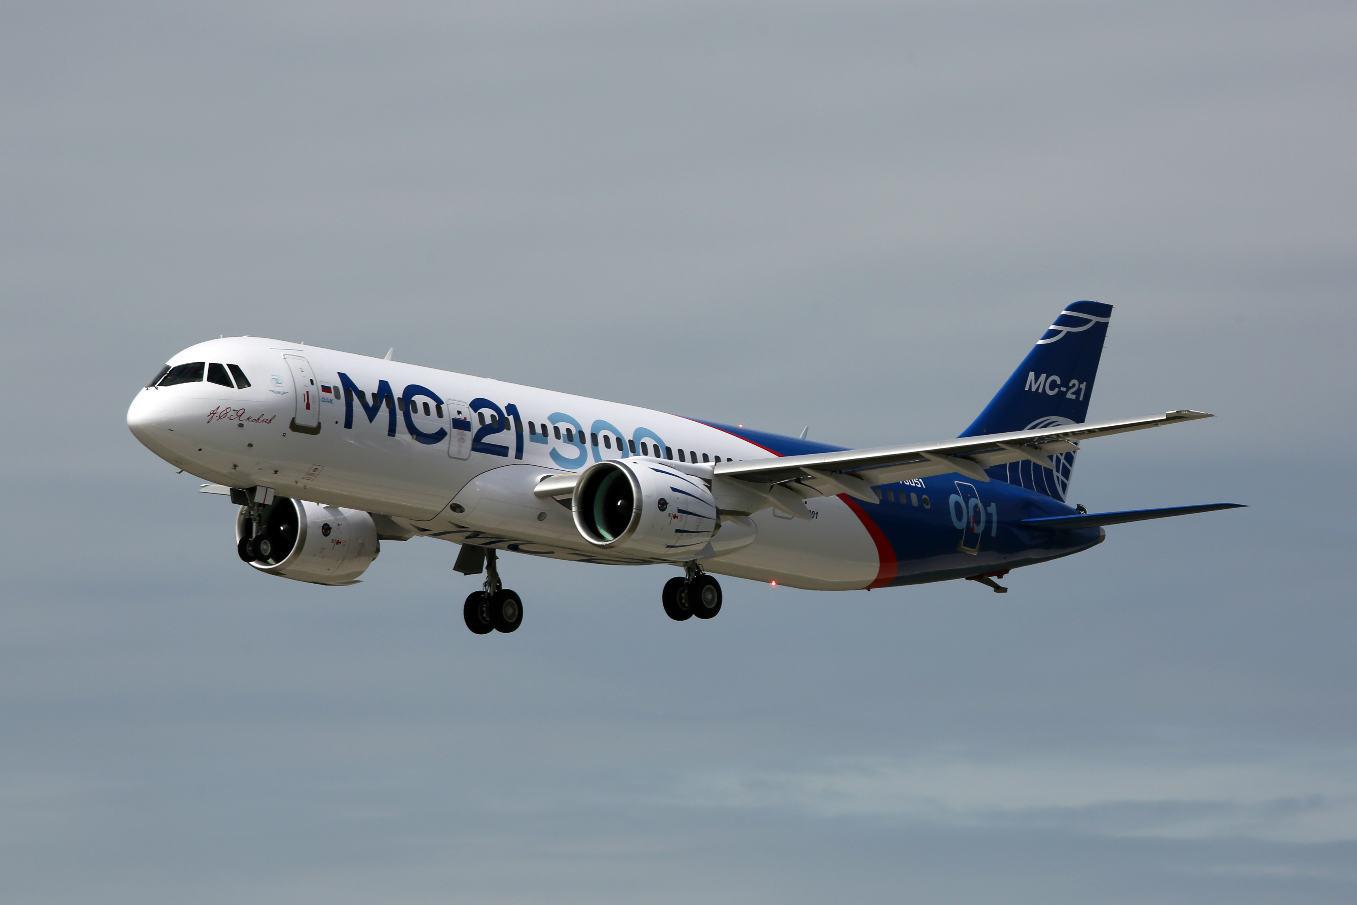 Le moyen-courrier russe Irkout MC-21 a réalisé son premier vol